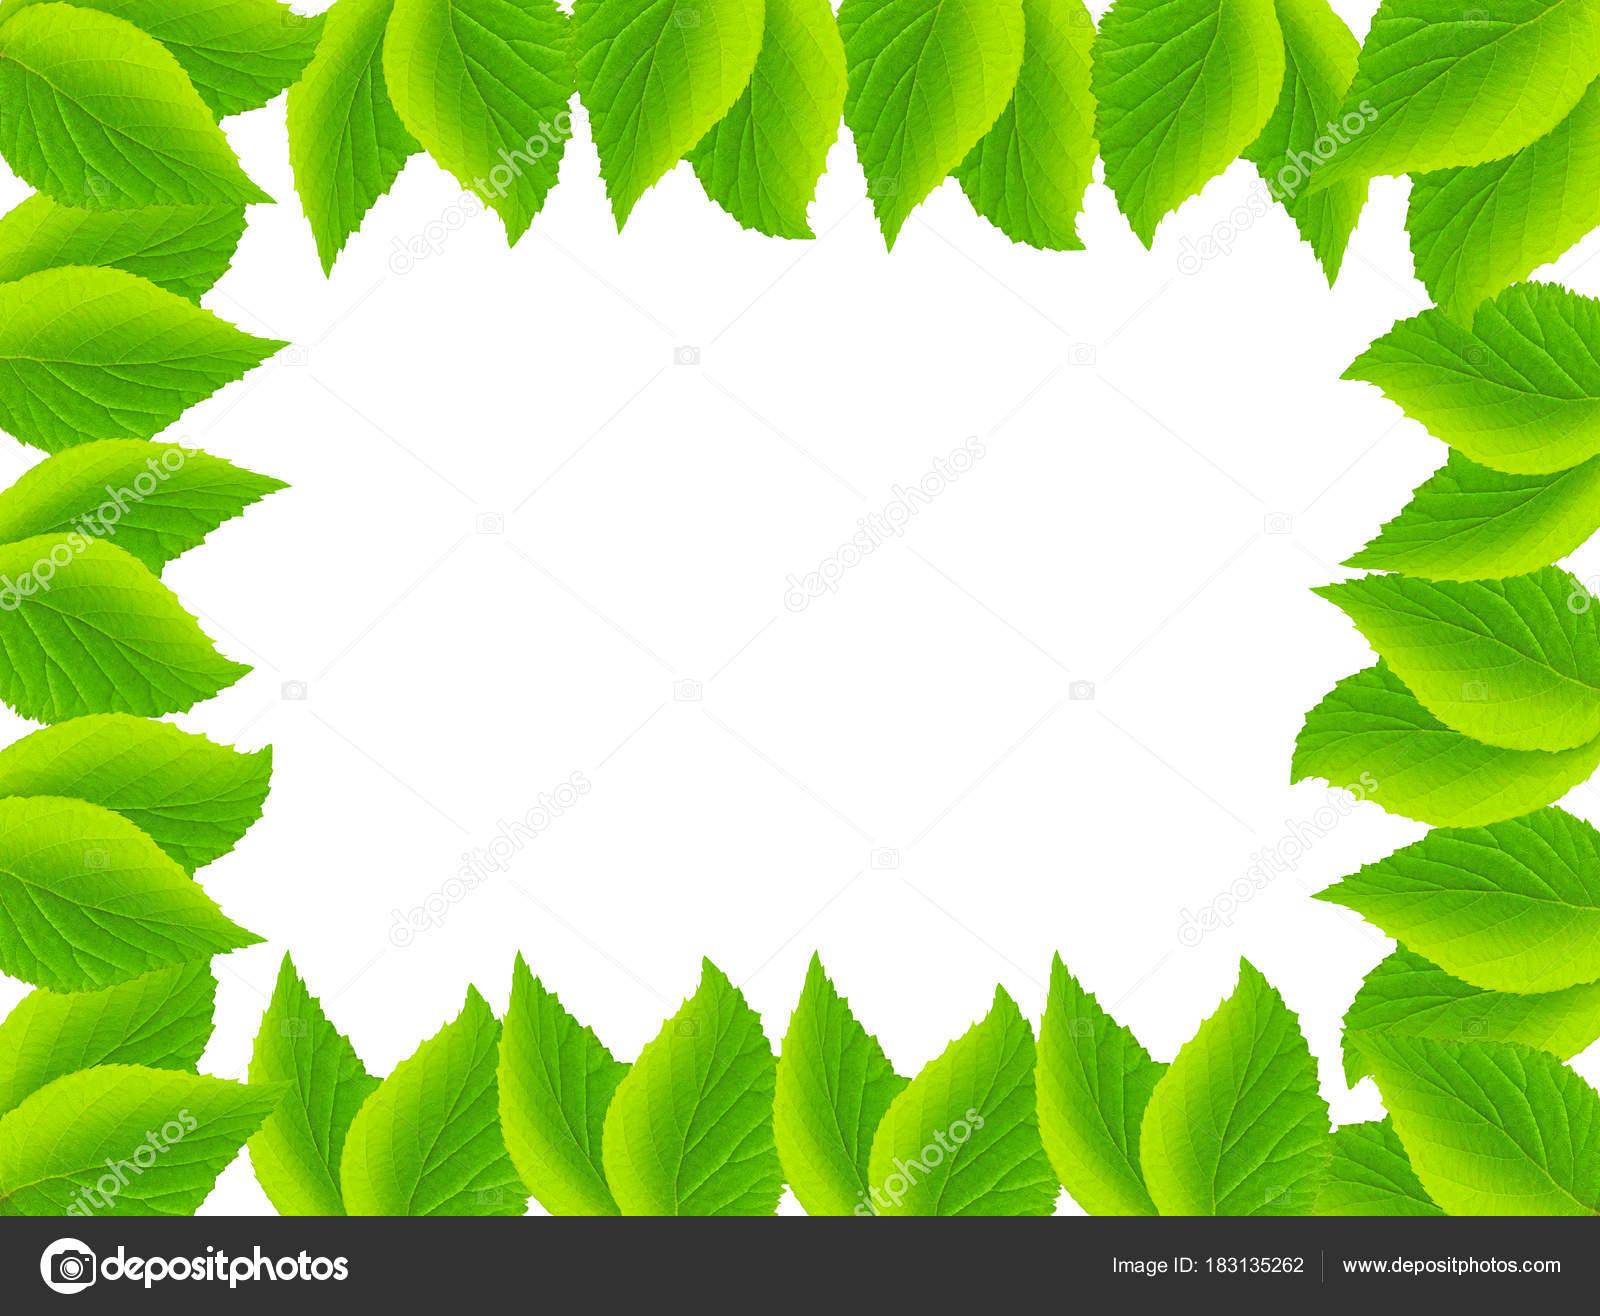 Marco natural de hojas de menta — Foto de stock © IvanHasiuk #183135262